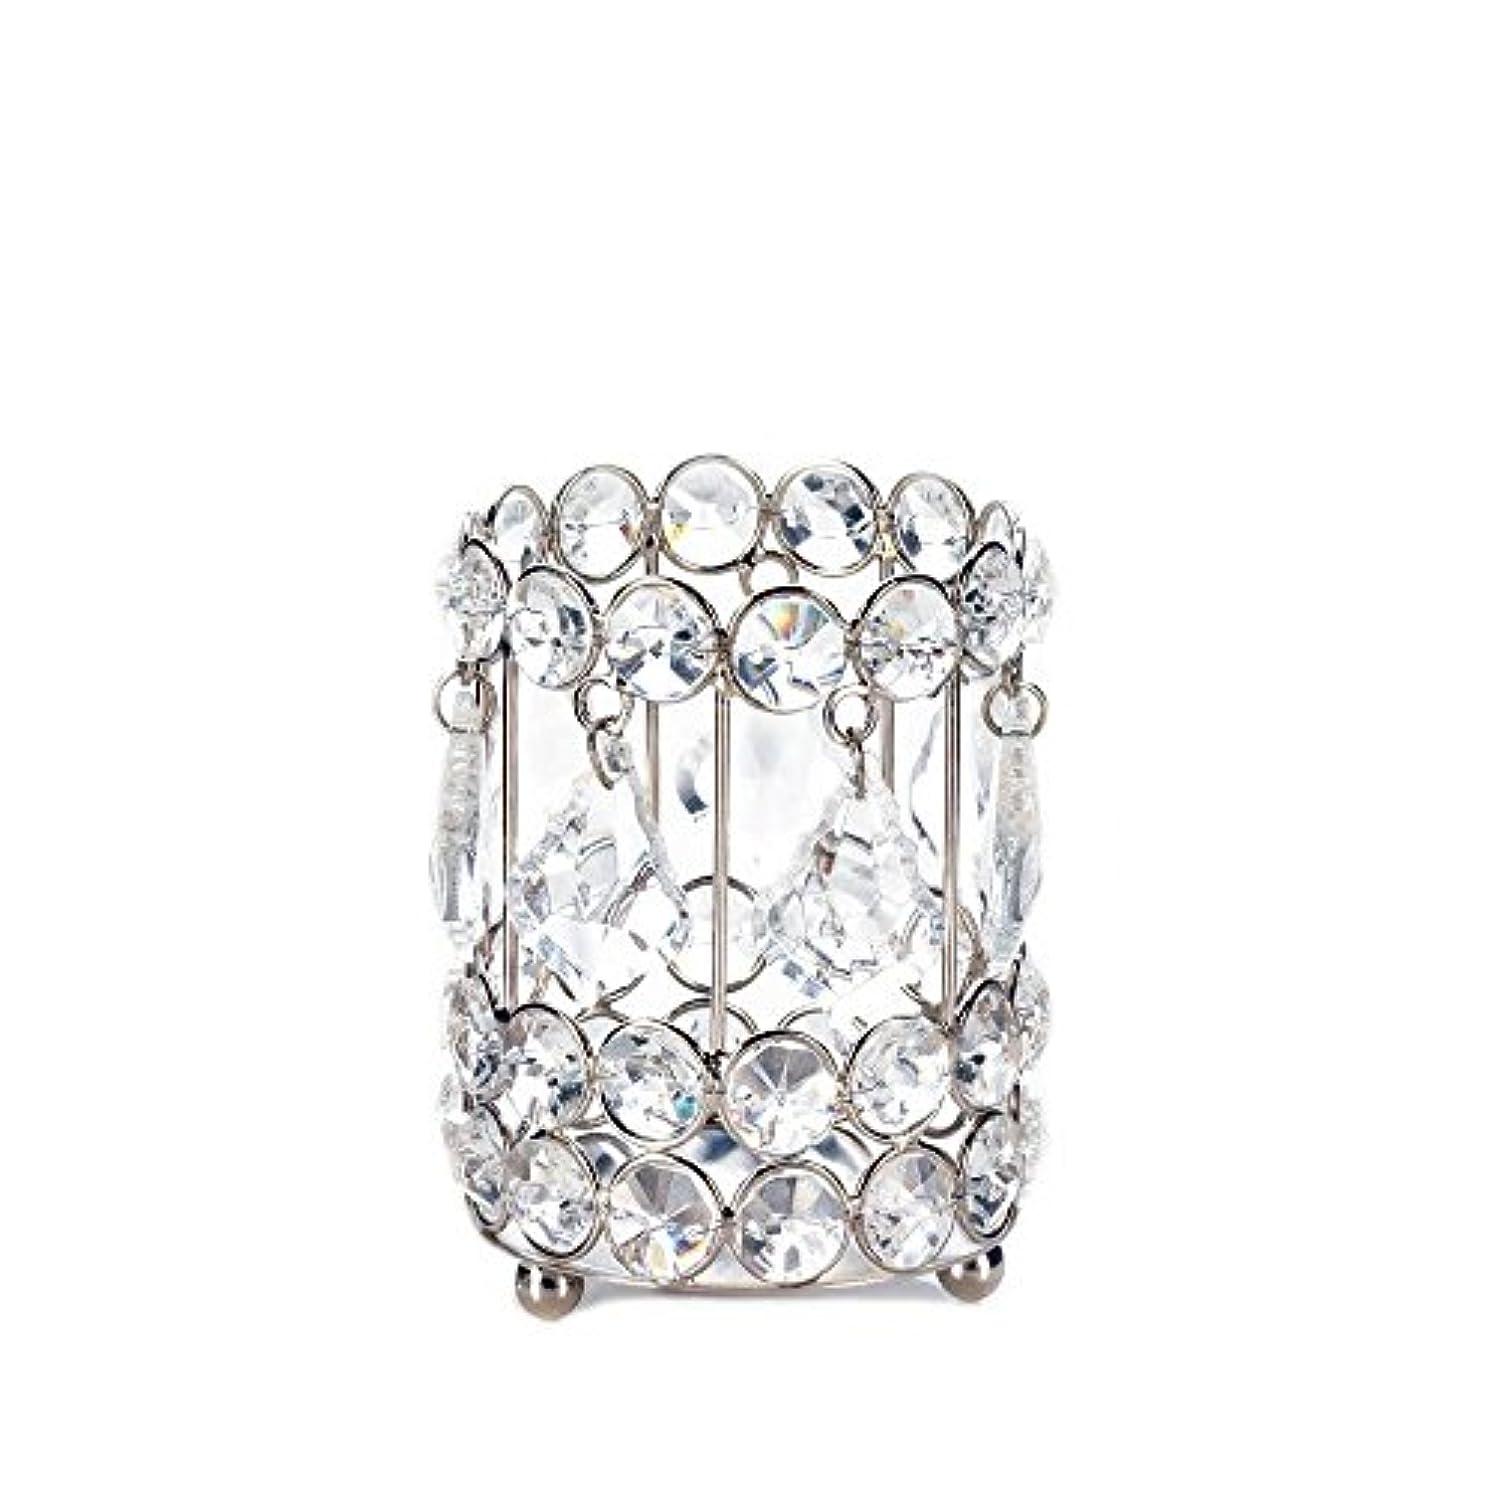 厳オフセットトライアスリートGallery of Light 10018136 Super Bling Crystal Drops Candle Holder - 4 in.